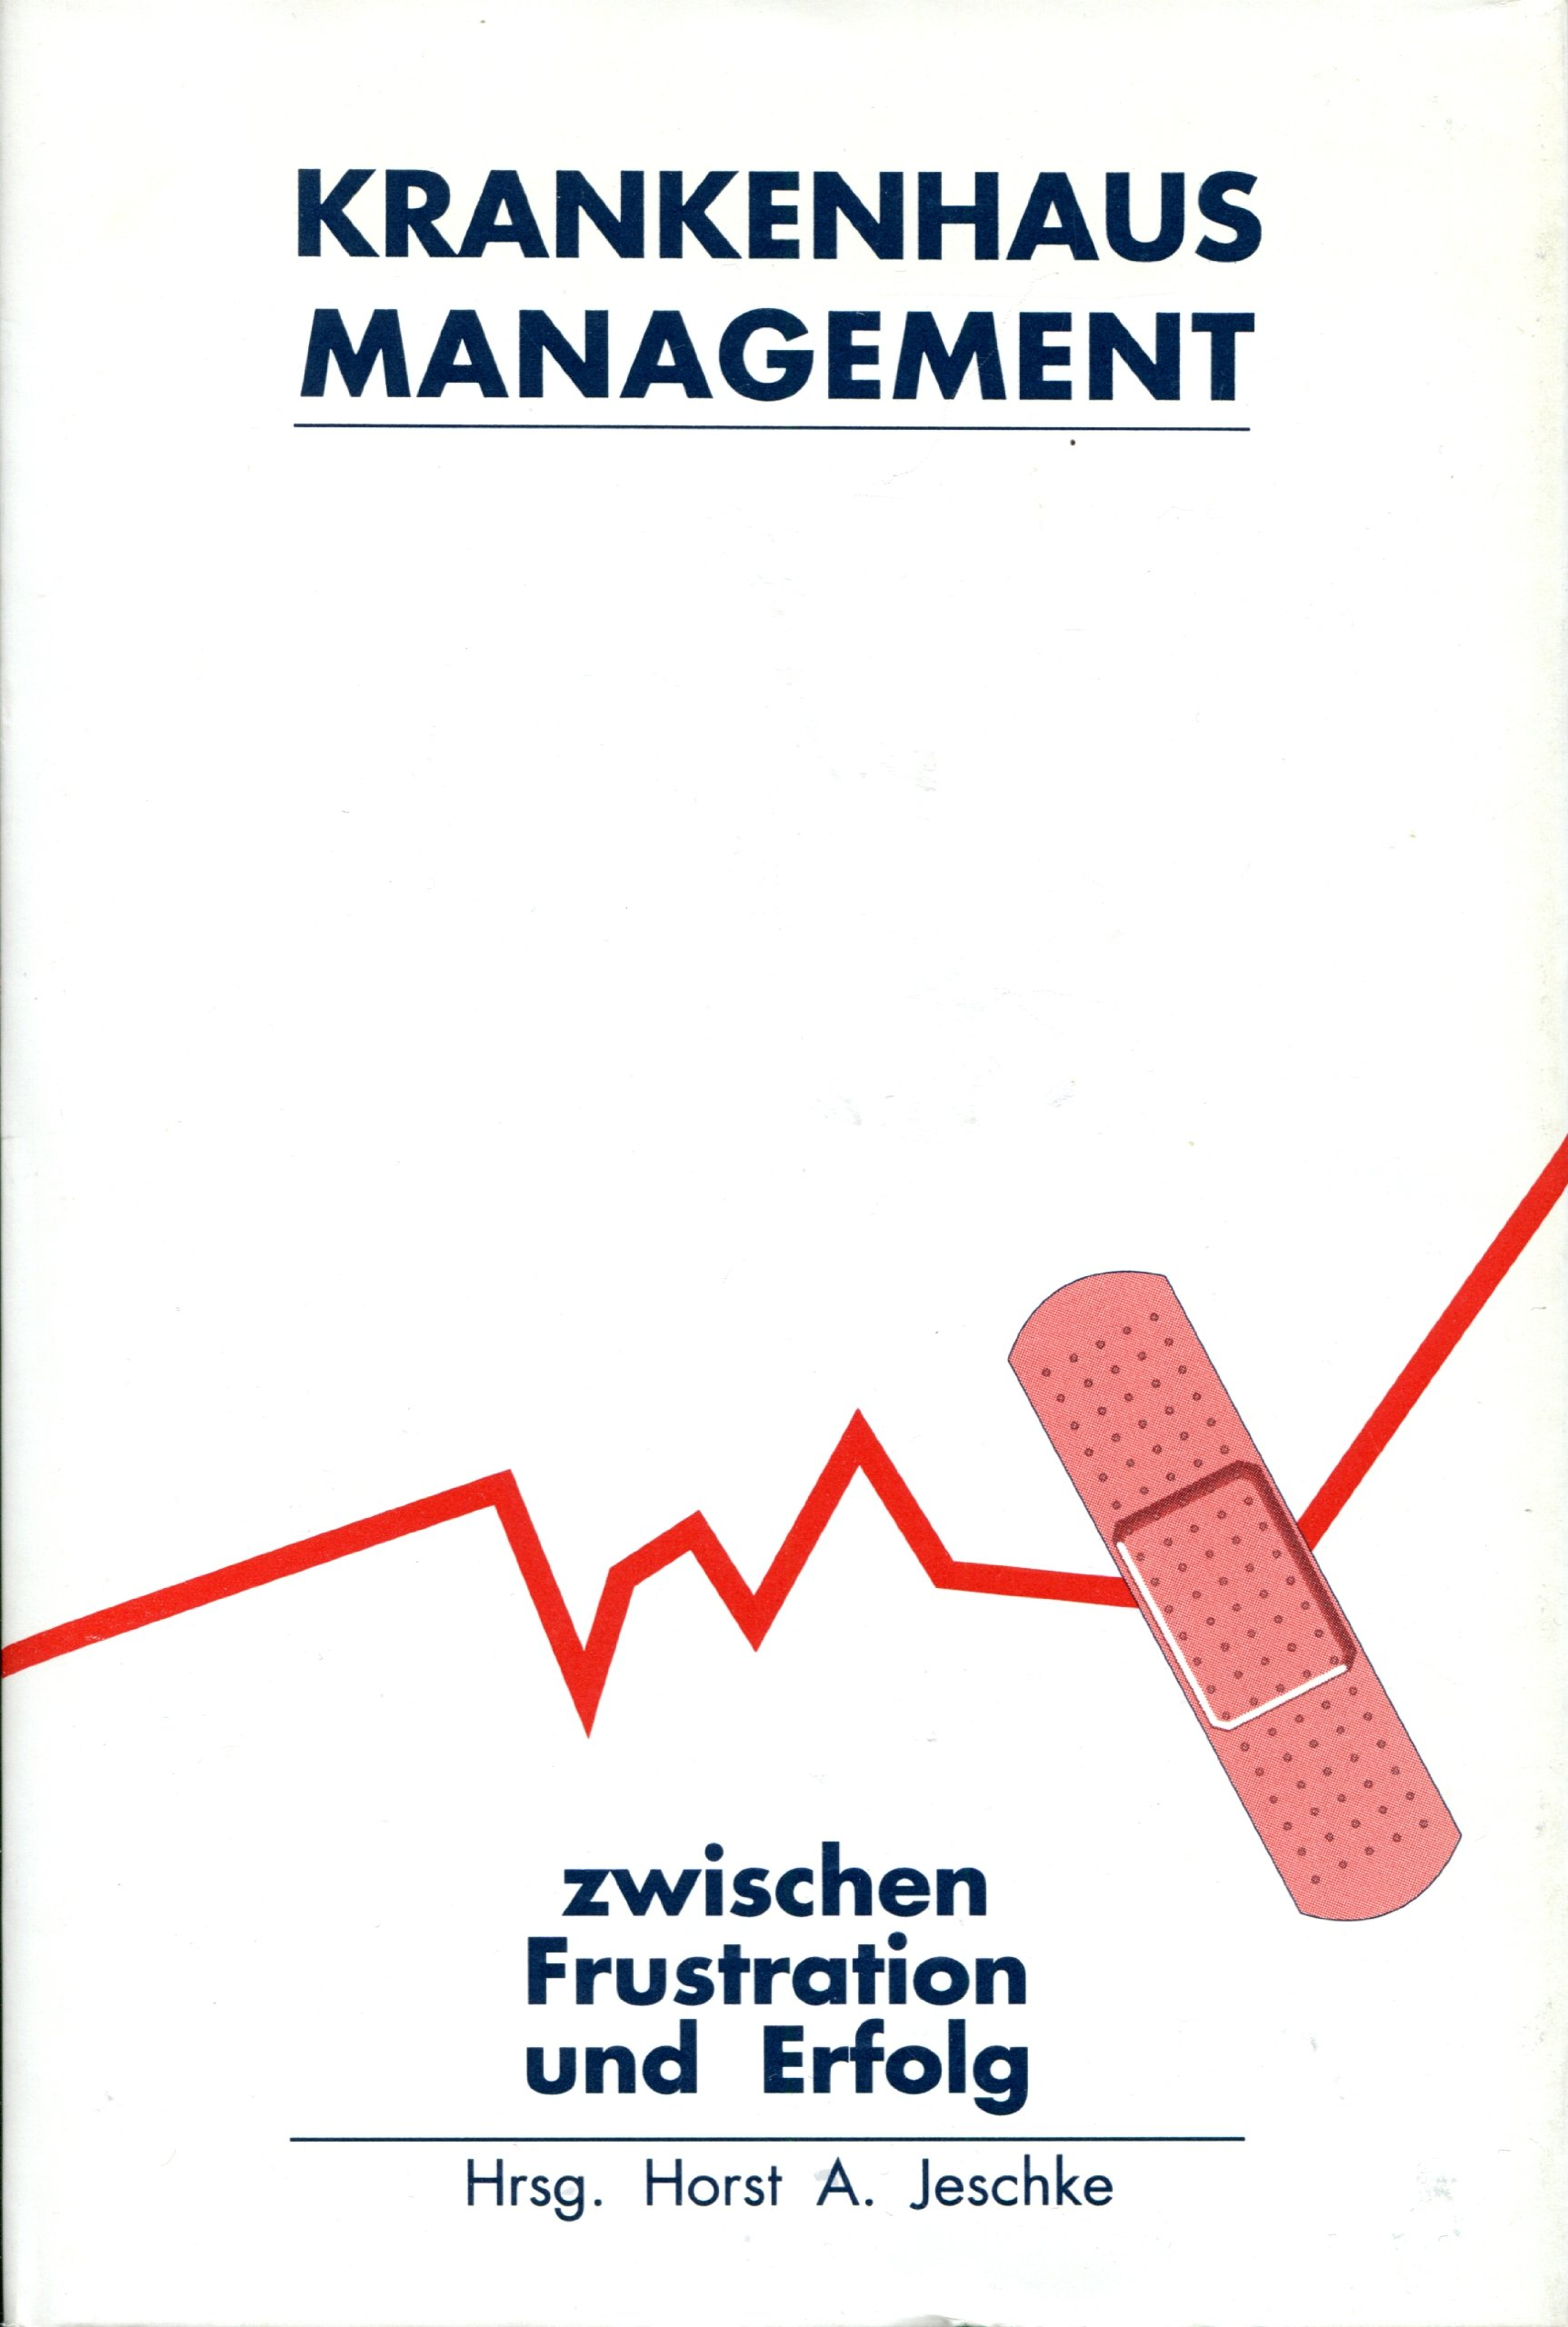 Krankenhausmanagement zwischen Frustration und Erfolg: Amazon.de ...